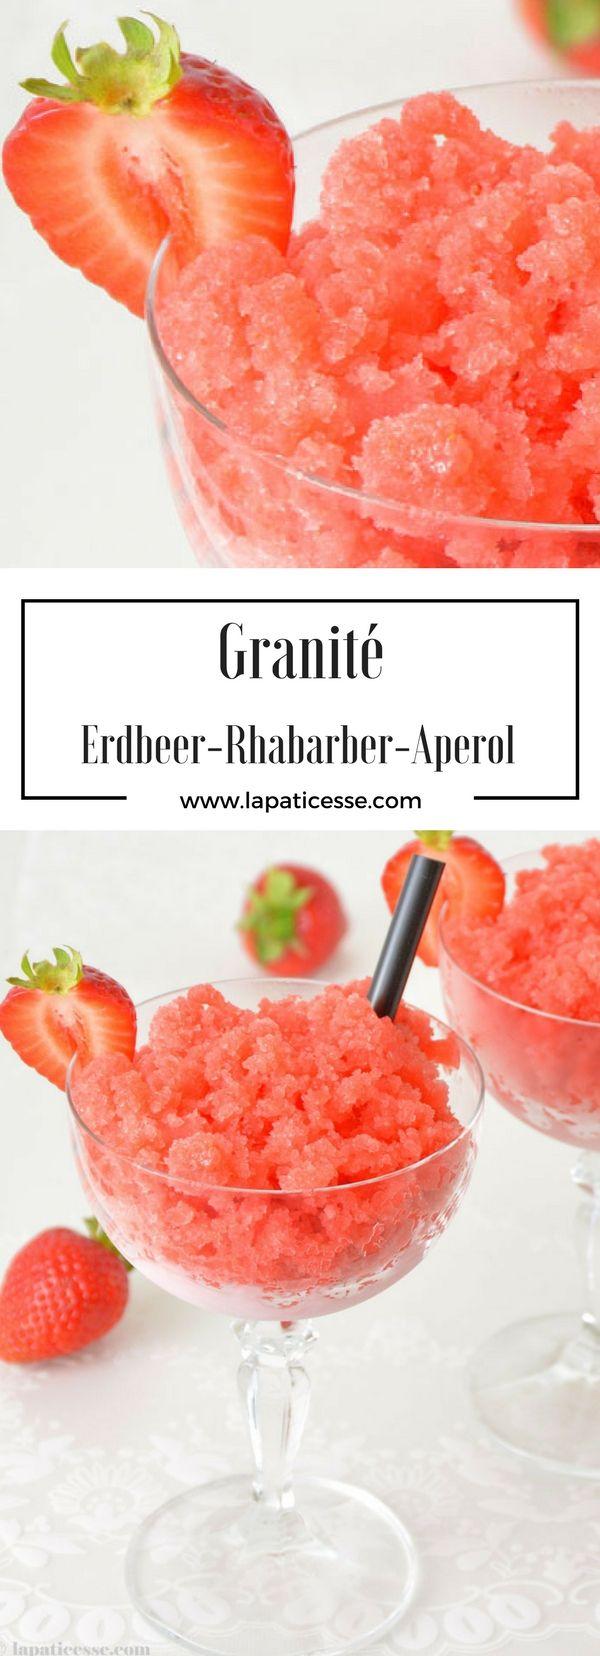 Rezept für Erdbeer-Rhabarber Granité  Granita #Rhabarber #Erdbeeren * Strawberry Rhubarb Granita Recipe * Recette de Granité aux fraises et rhubarbe #Patisserie * Made by La Pâticesse